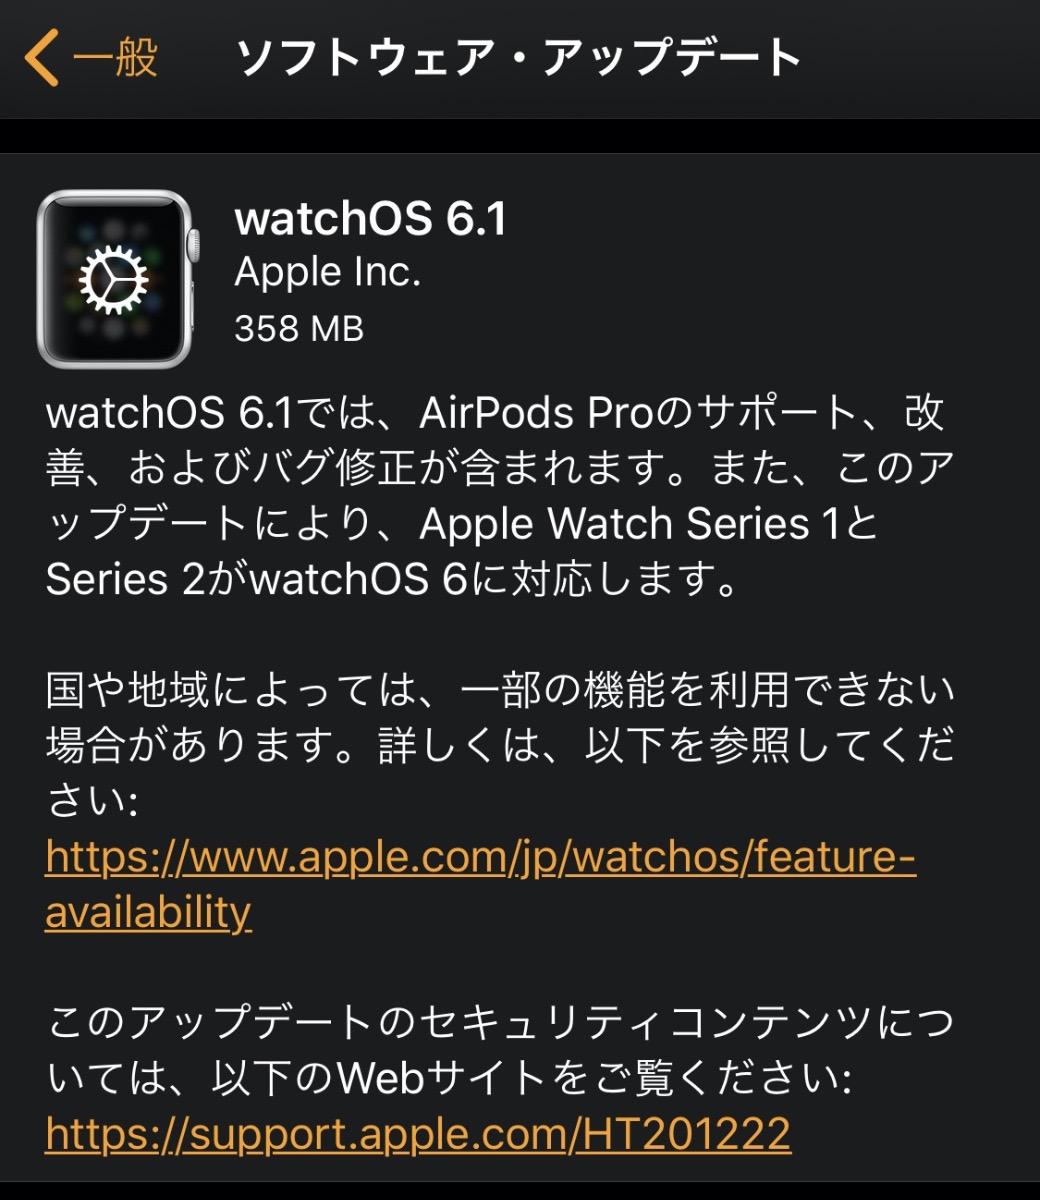 Apple、Apple Watch Series 1以降向けに「watchOS 6.1」をリリース ‒ AirPods Proのサポート、改善とバグ修正